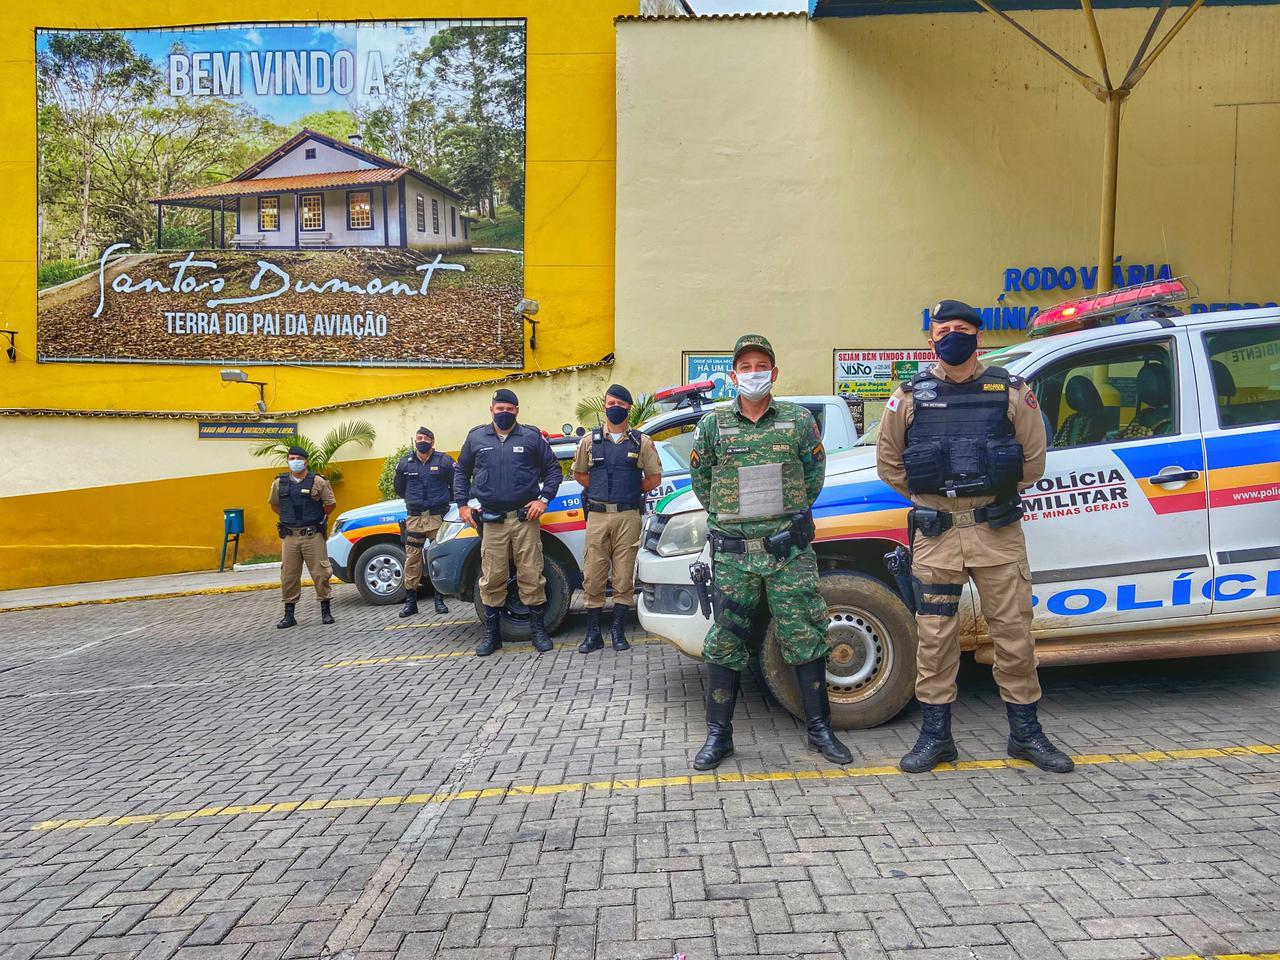 Polícia Militar de Minas Gerais abre concurso com salário de até R$3.900,00